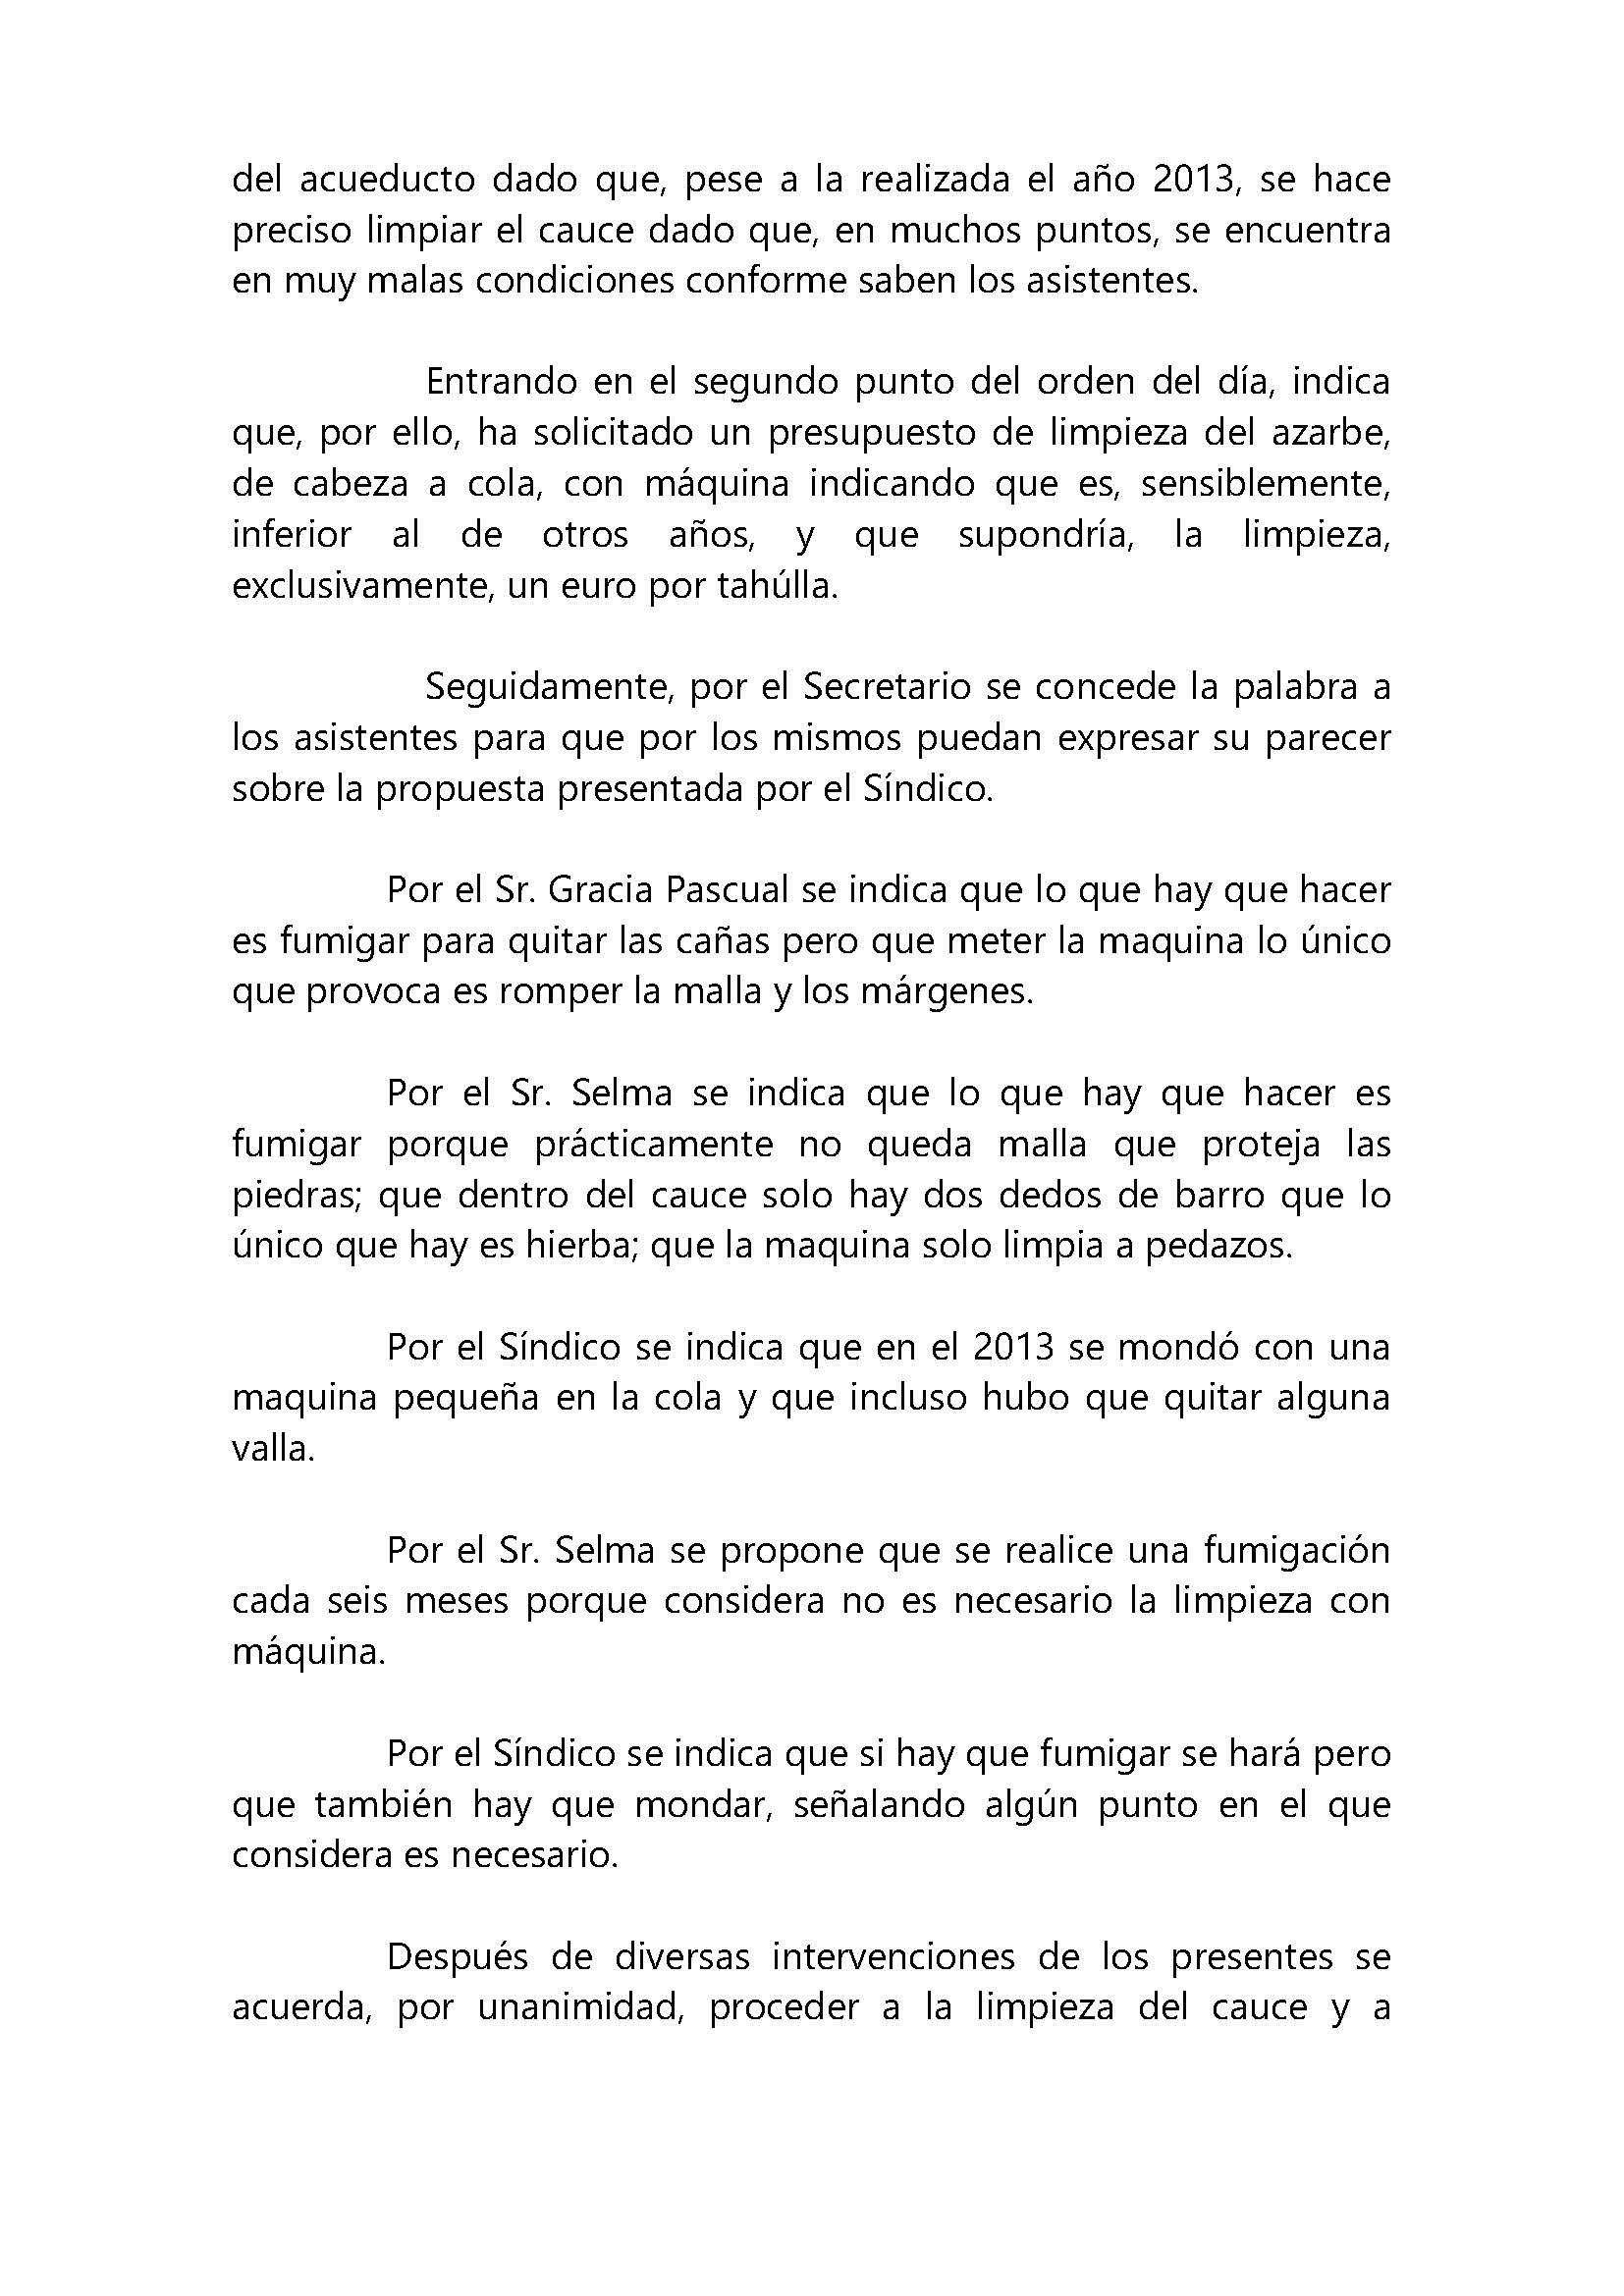 132 2015 AZARBE DE LOS CABALLOS. ACTA JUNTA GENERAL 10092015_Página_2